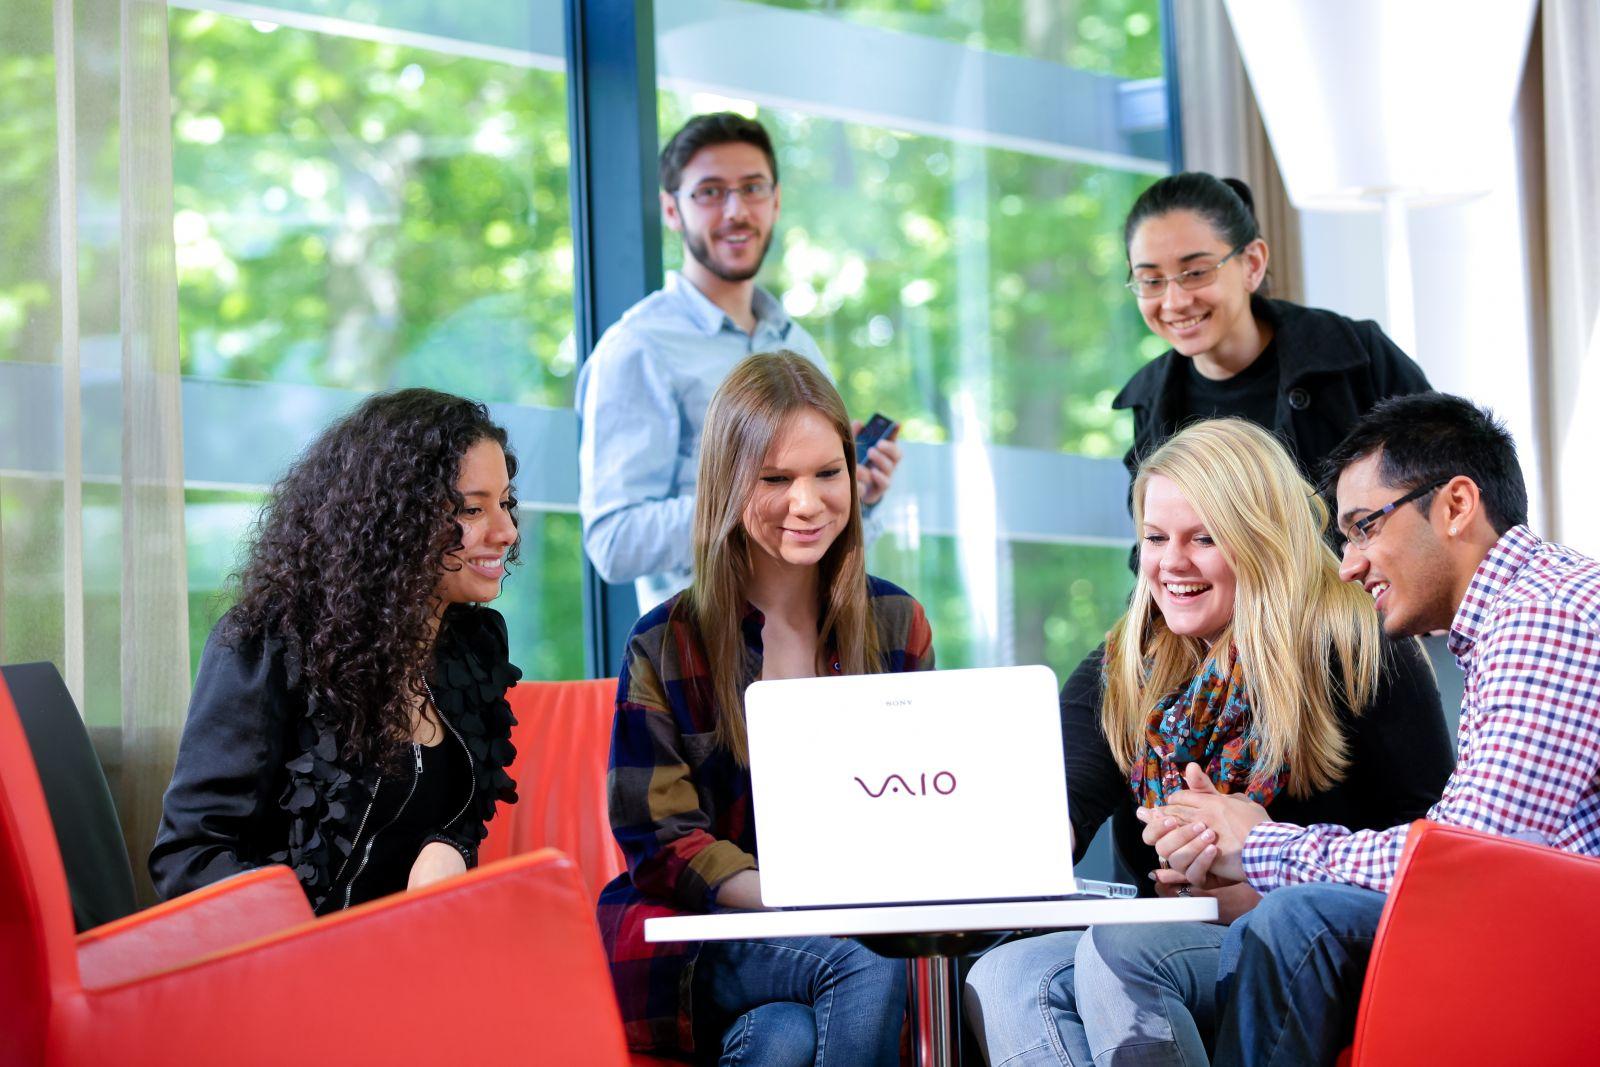 Sinh viên thực hiện các dự án nhằm giải quyết vấn đề cho những khách hàng thực tế